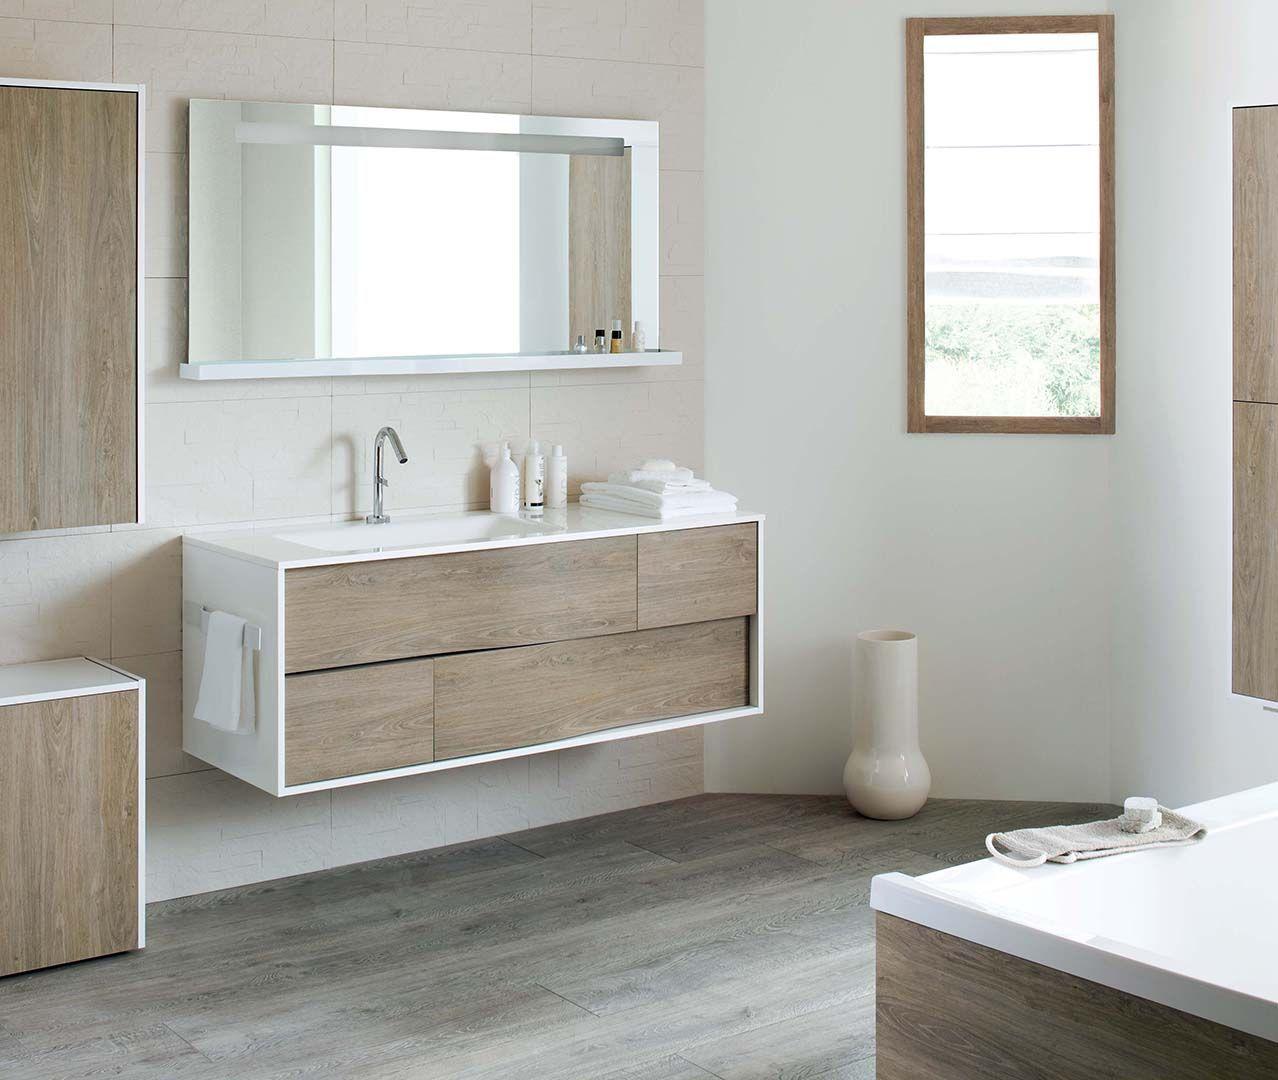 Bois et blanc : mixez les matières avec une salle de bain en bois et ...